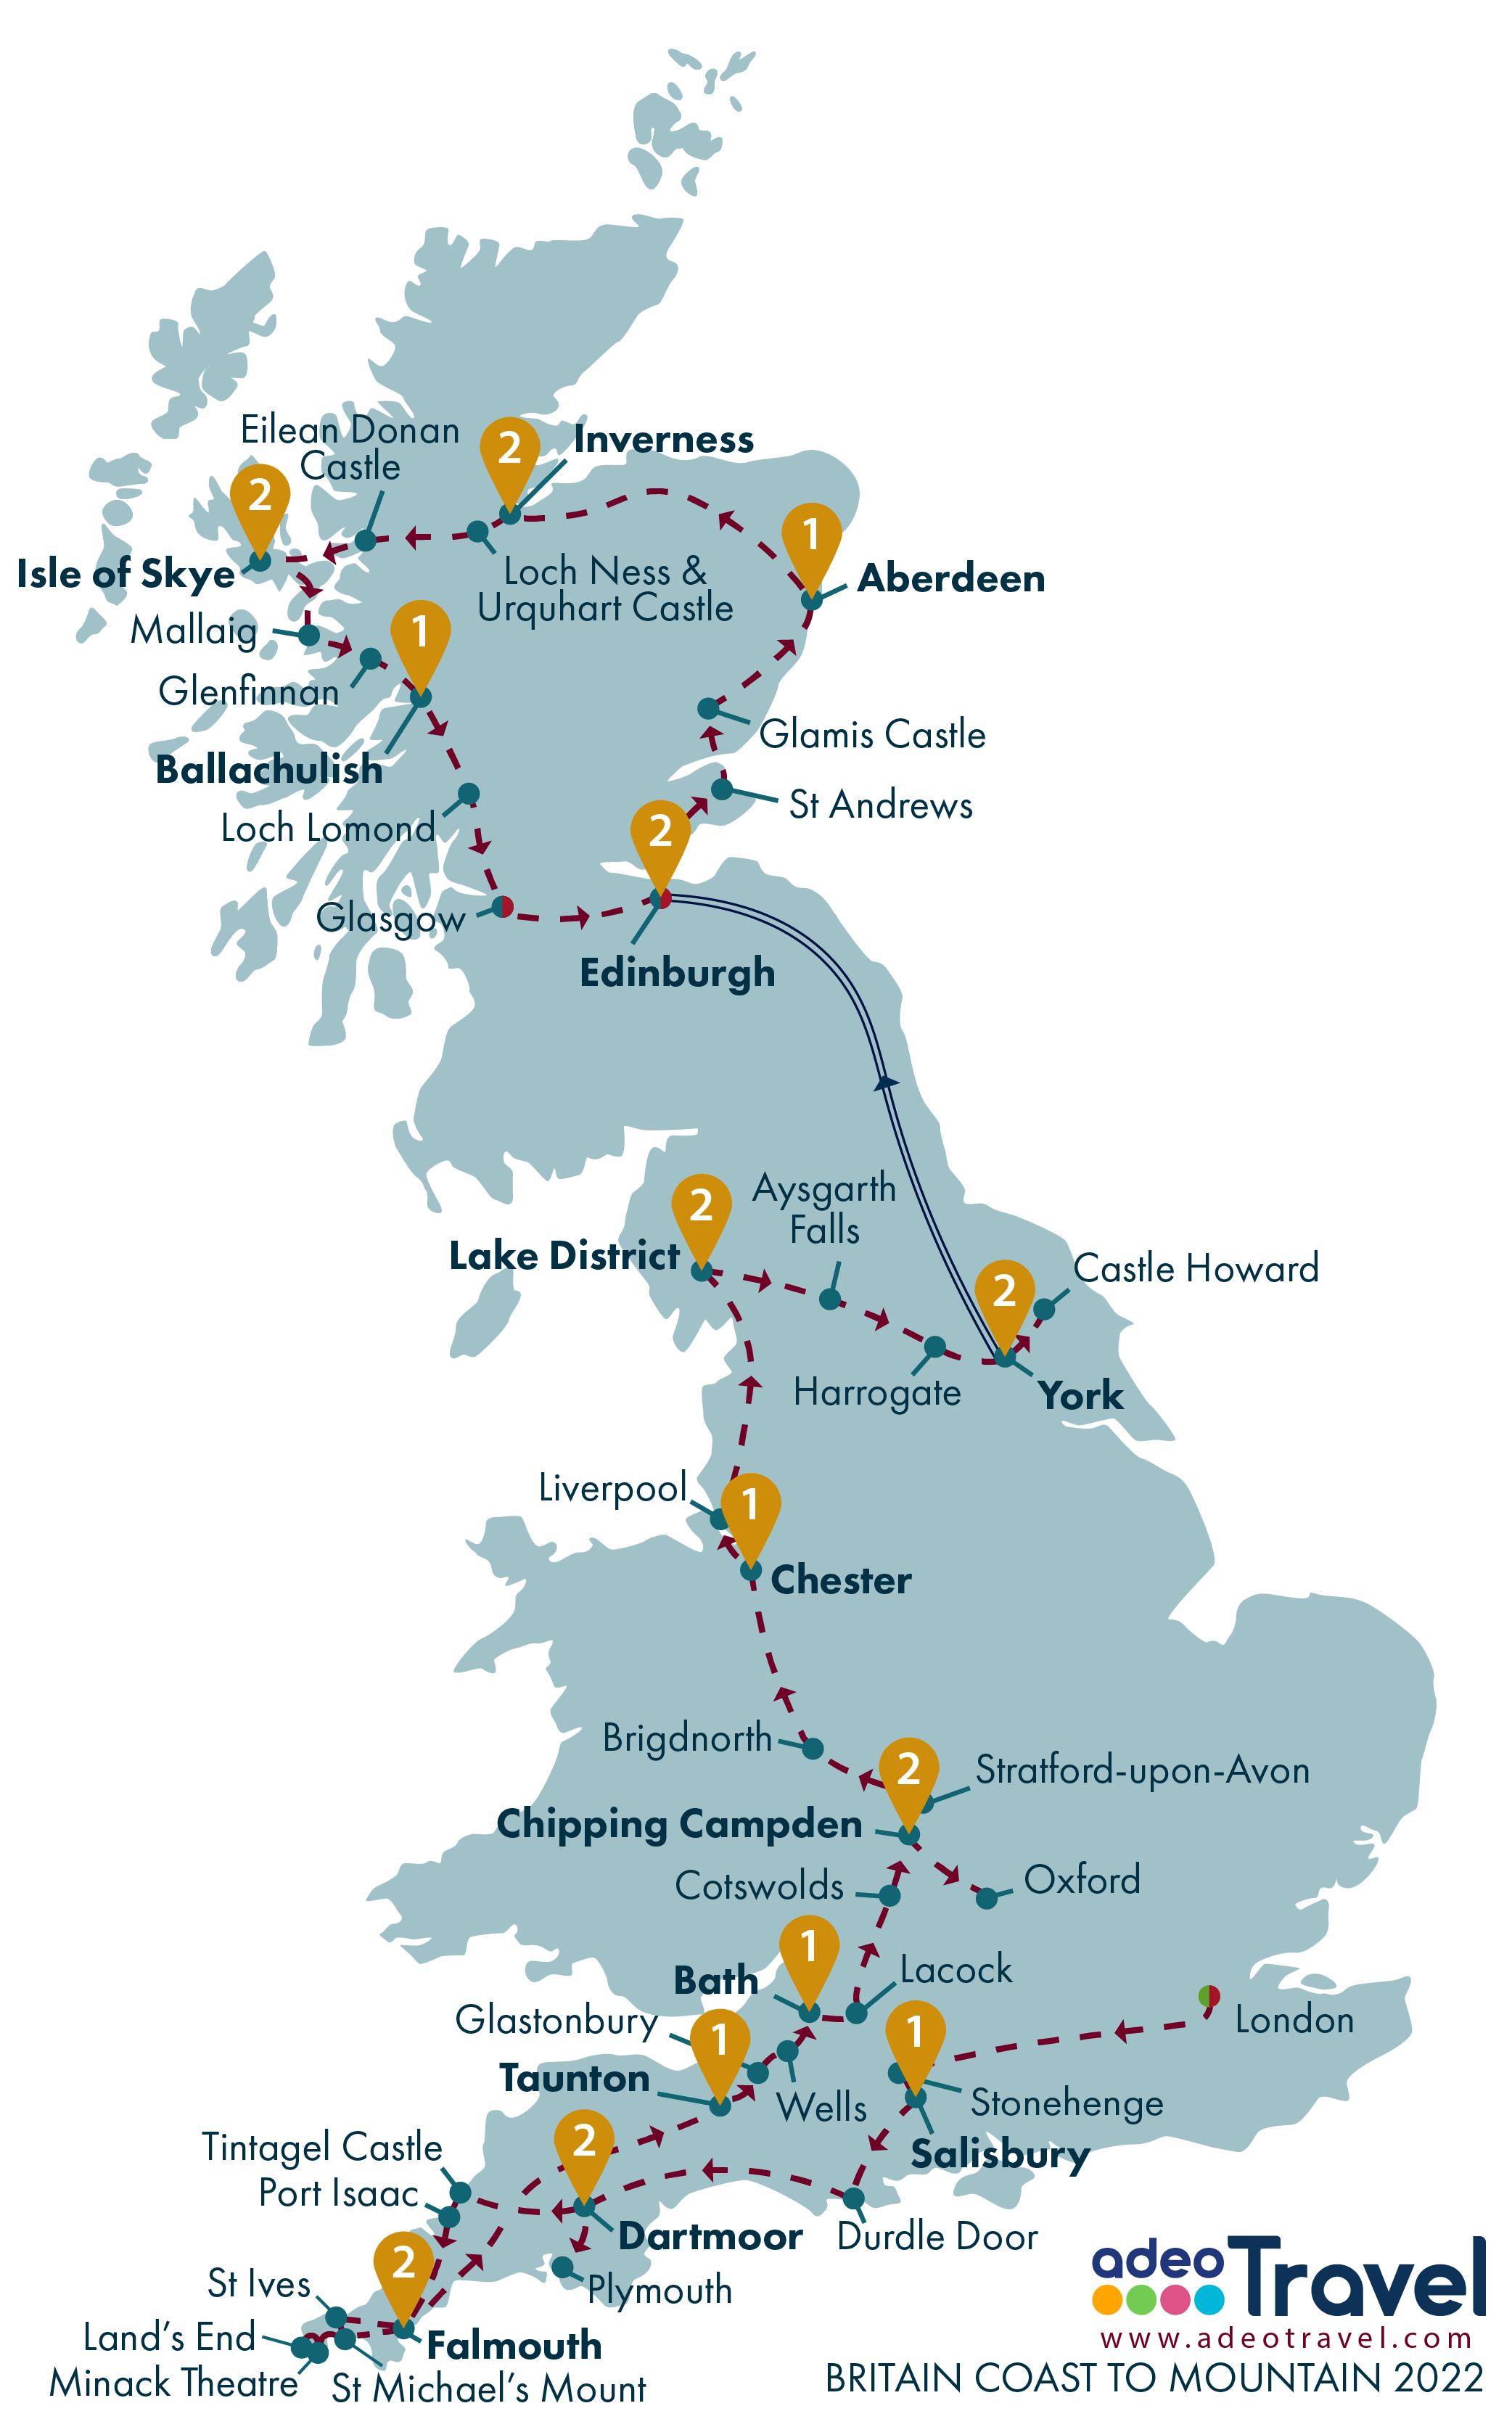 Map - Britain Coast to Mountain 2022